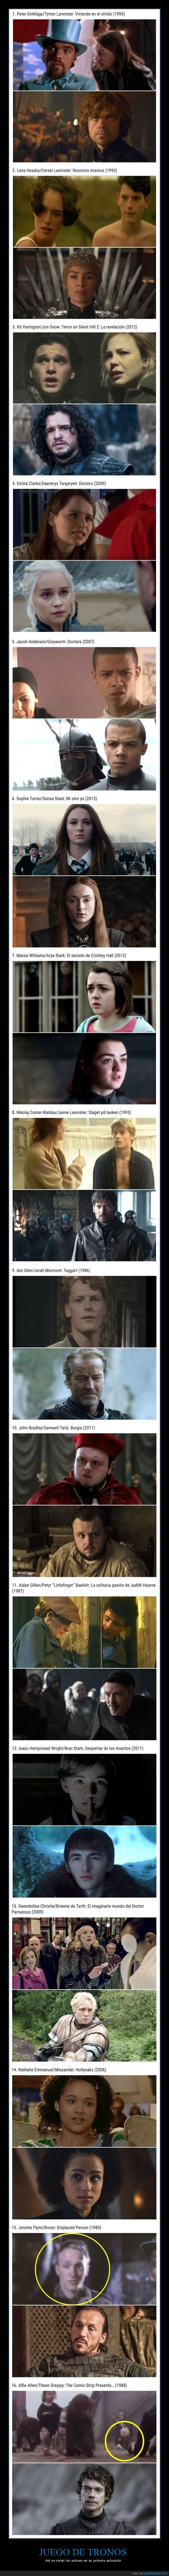 actores,juego de tronos,películas,primera actuación